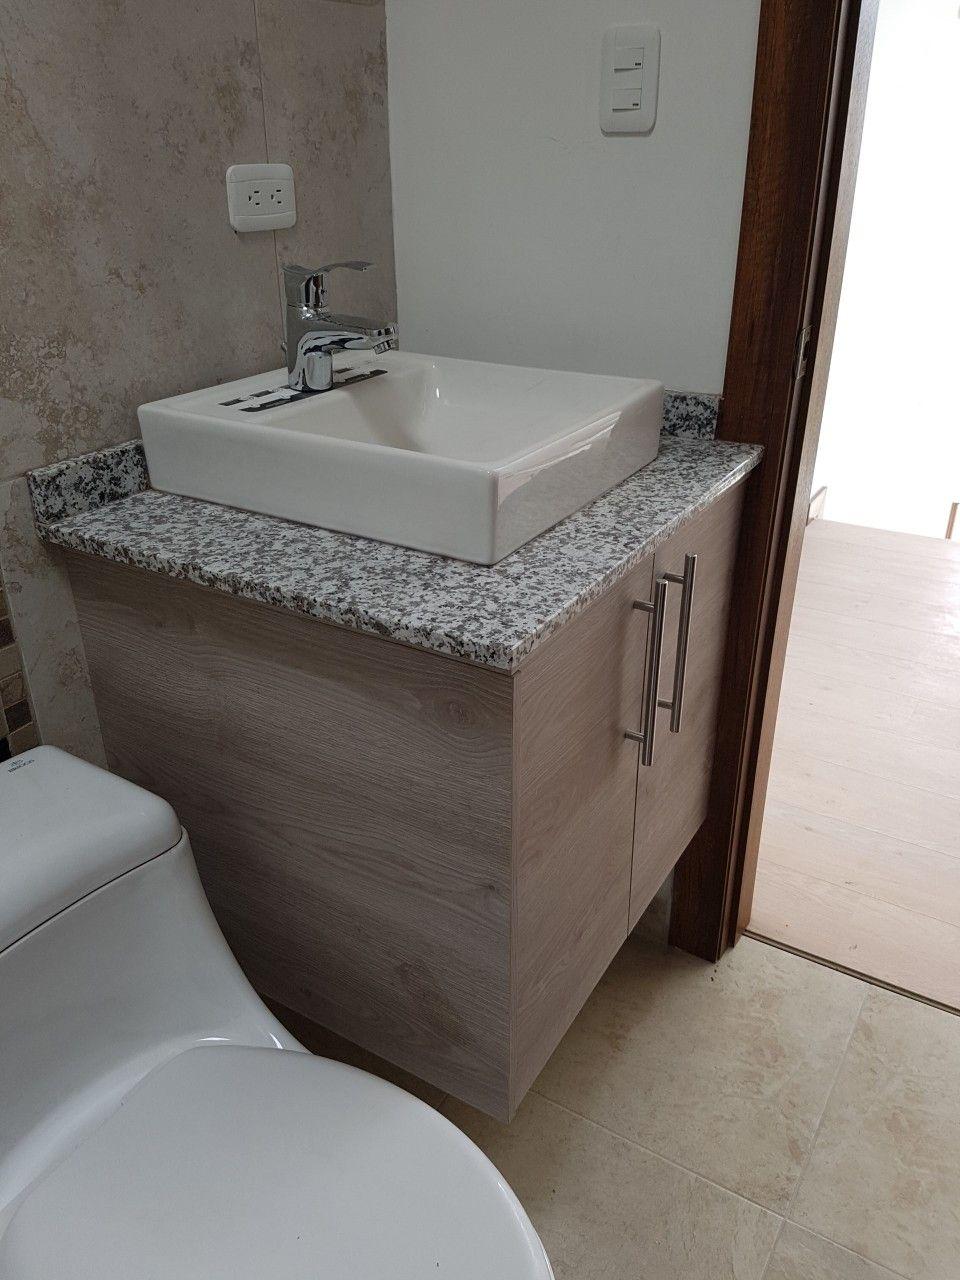 Wash Basin Washbasin Design Closet Layout Bathroom Basin Cabinet Bathroom basin design ideas